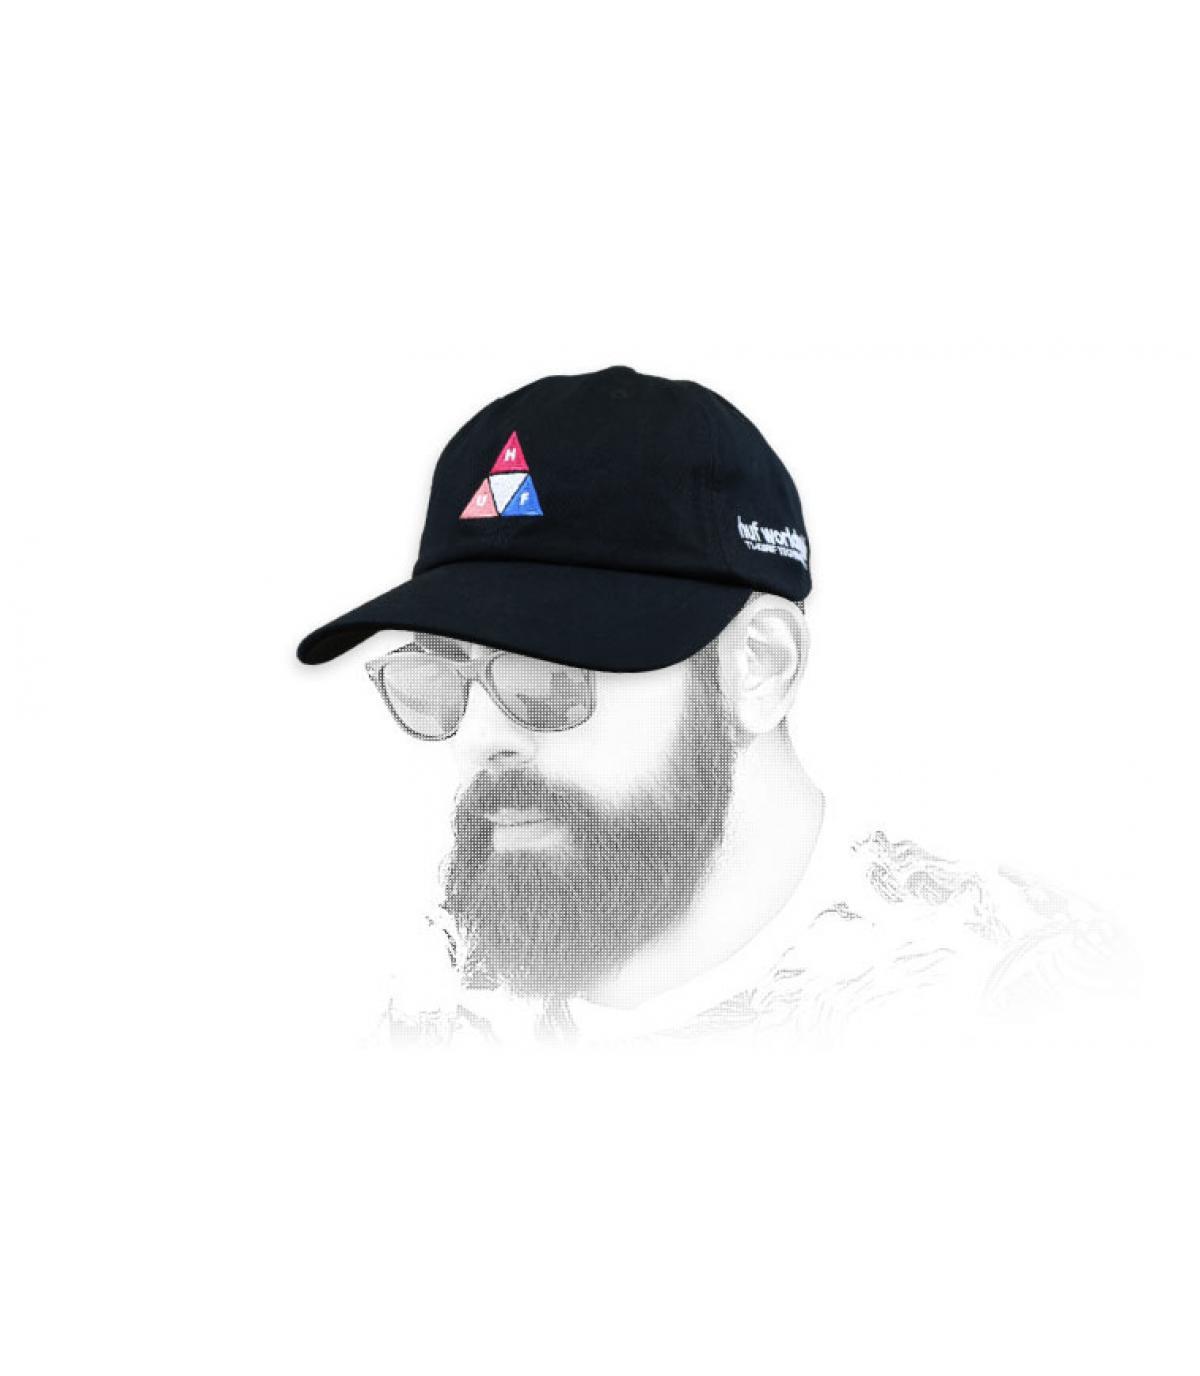 Cappellino nero con logo Huf